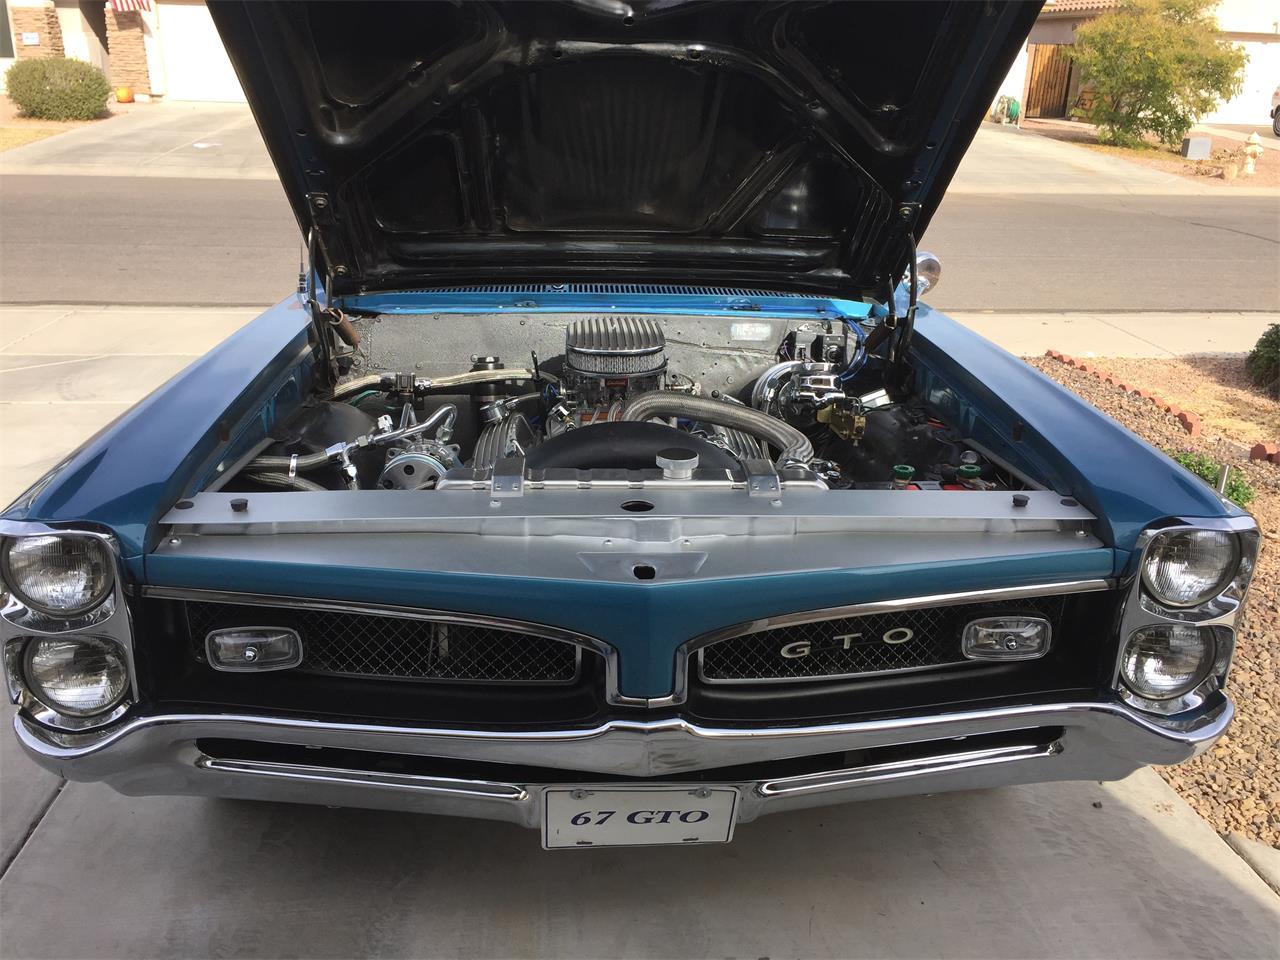 1966 Gto Hood Tach Wiring Compact Diagram Pontiac 1967 For Sale Classiccars Com Cc 1056281 67